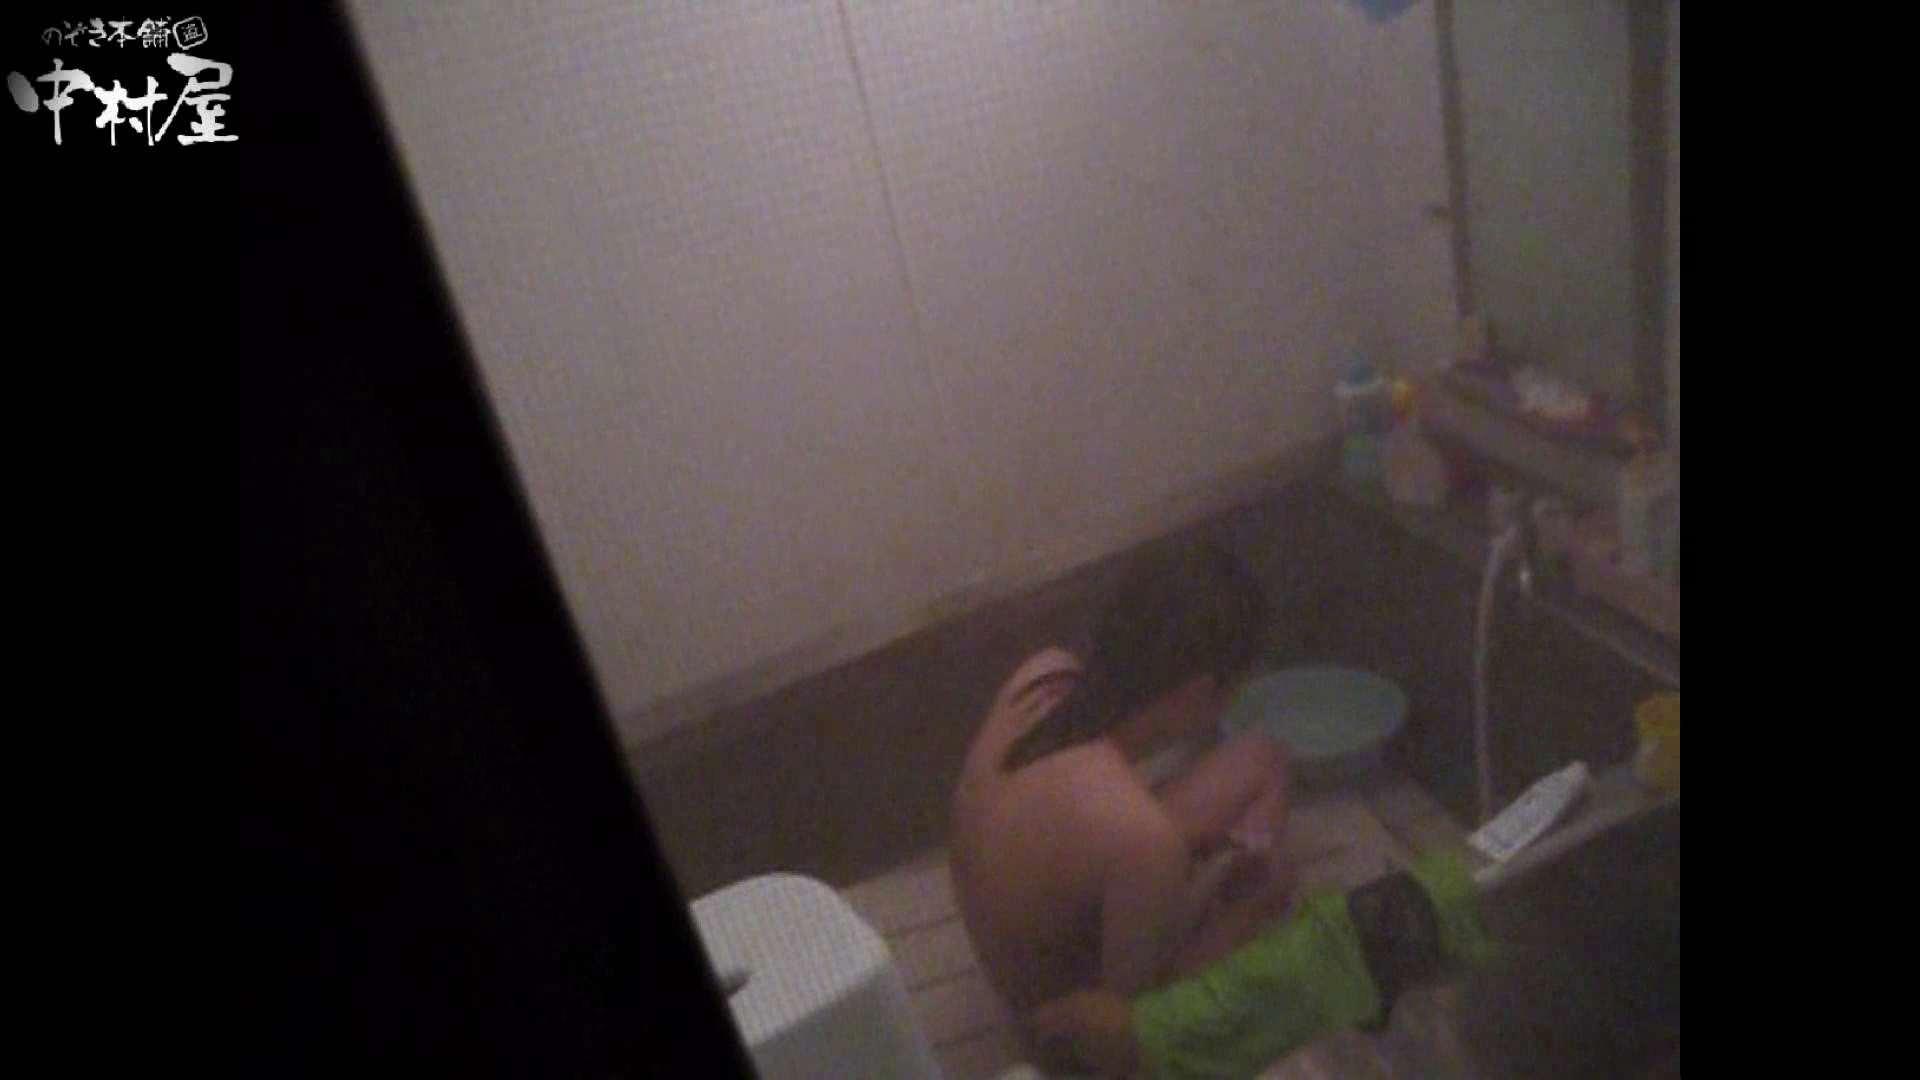 民家風呂専門盗撮師の超危険映像 vol.020 エロい美少女 セックス画像 93PIX 84